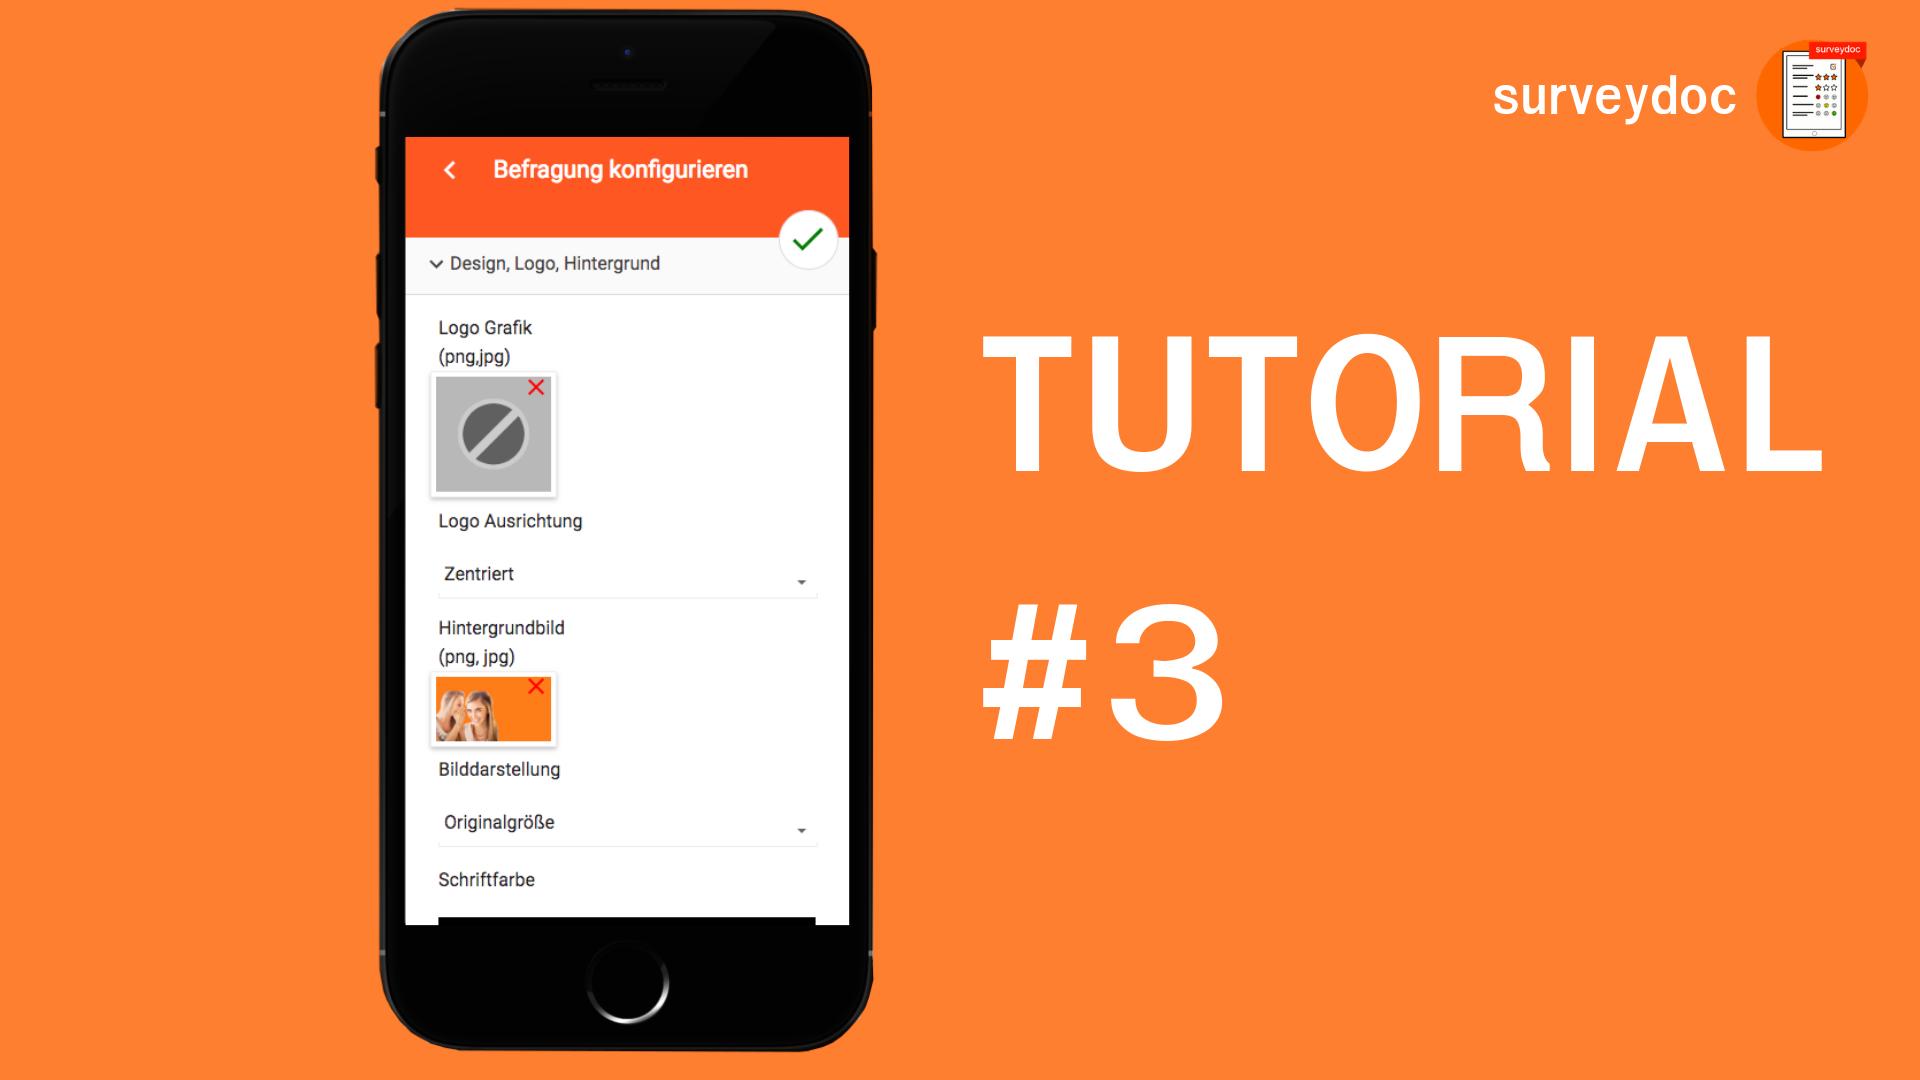 surveydoc Video-Tutorial: Eigenes Logo und Bild